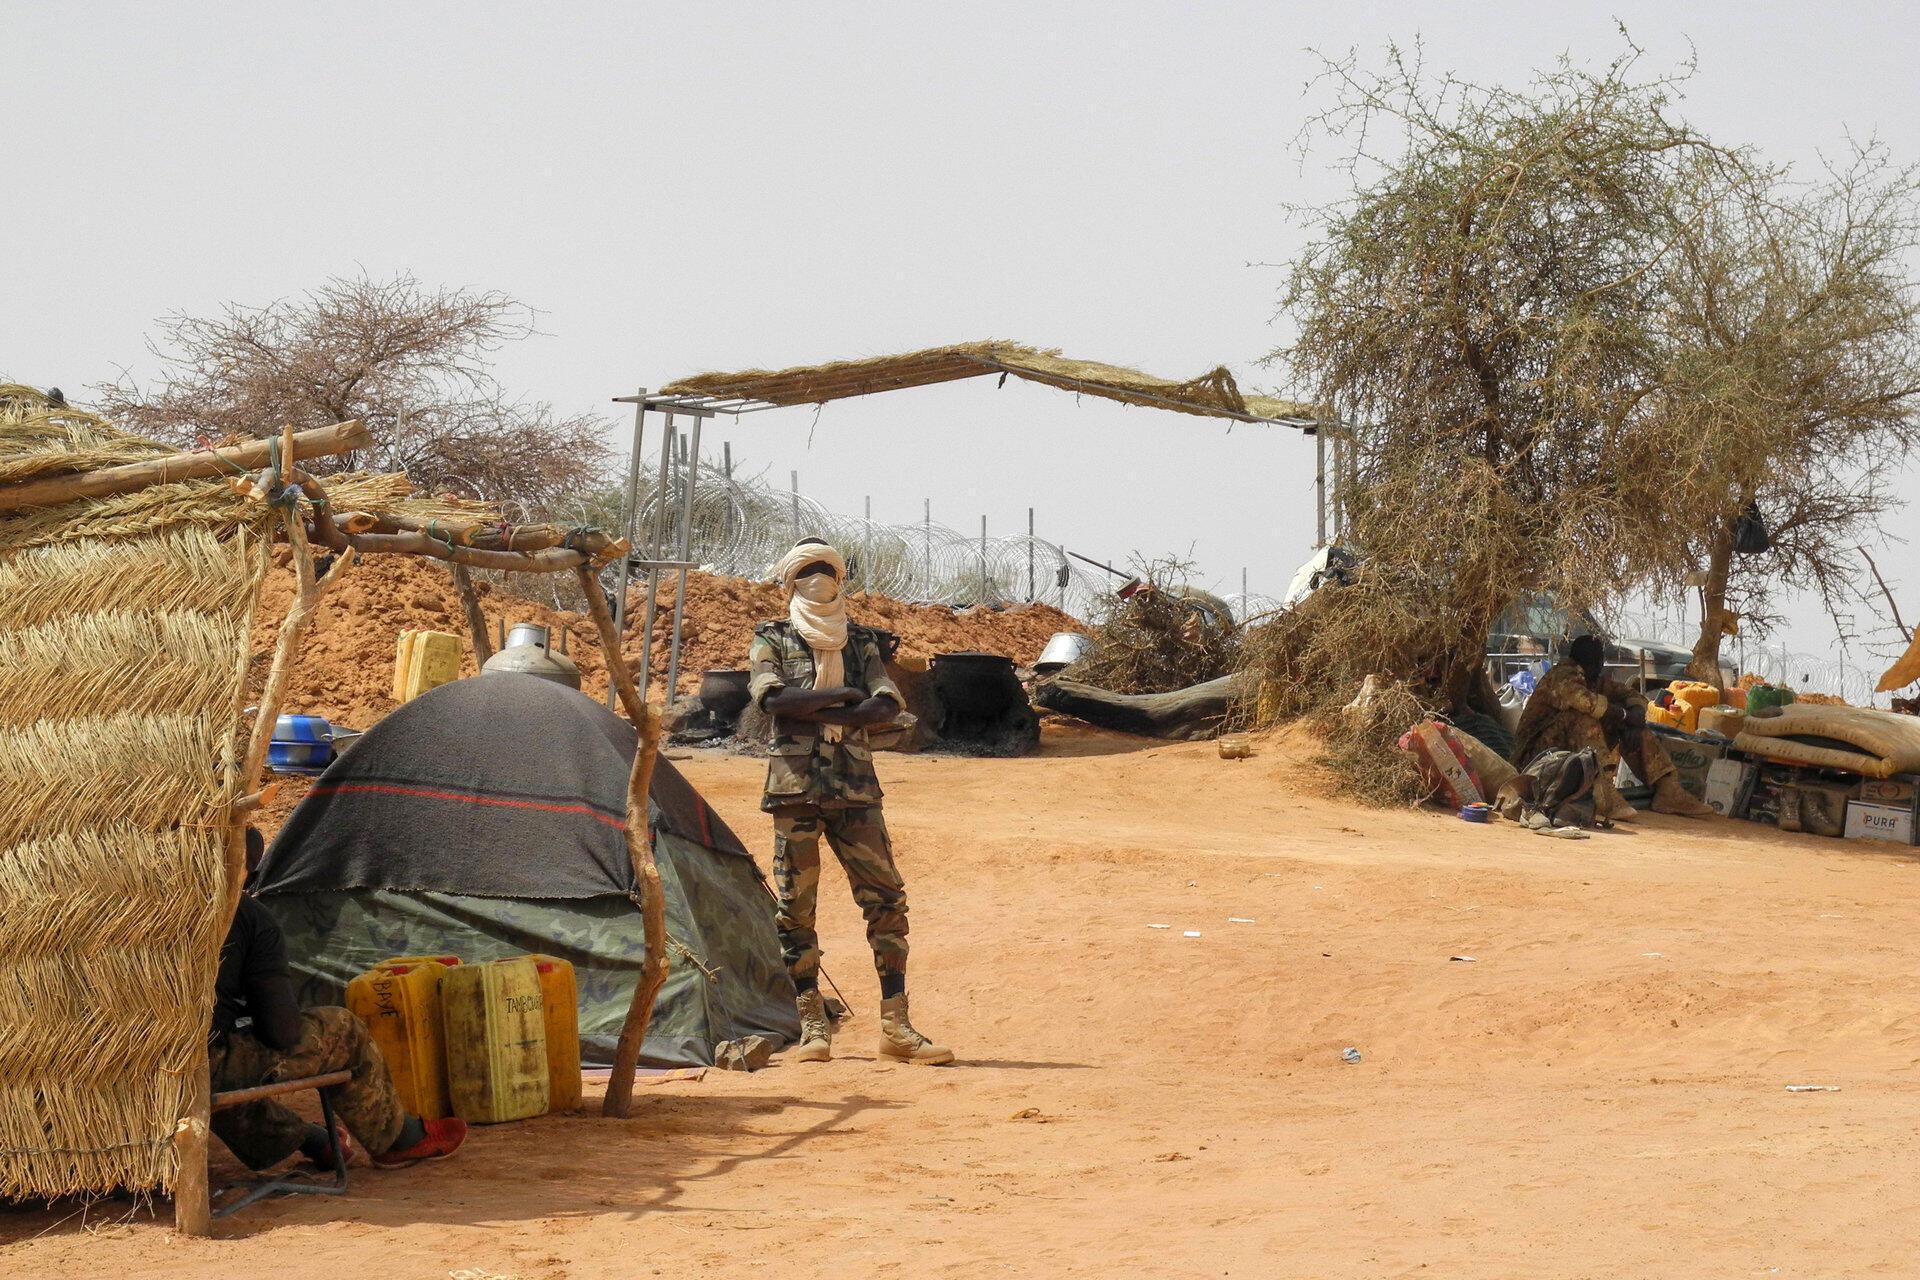 Askari wa Kikosi cha wanajeshi wa Mali (Fama) katika kituo cha jeshi cha Anderamboukane katika mkoa wa Menaka nchini Mali, Machi 22, 2019.